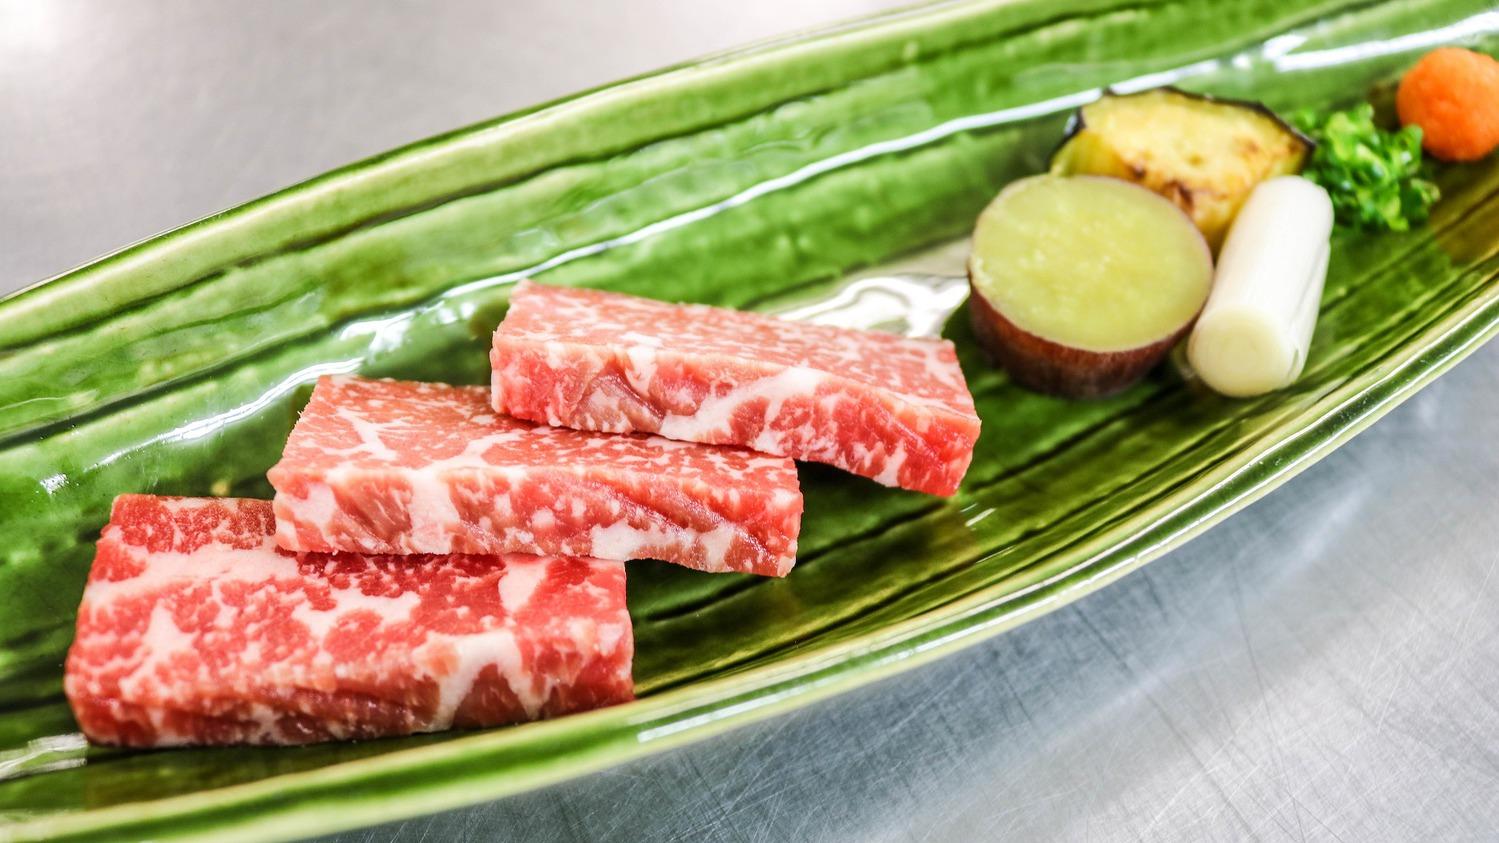 【お料理一例】香ばしい香りと、旨みが口の中に広がる陶板焼き